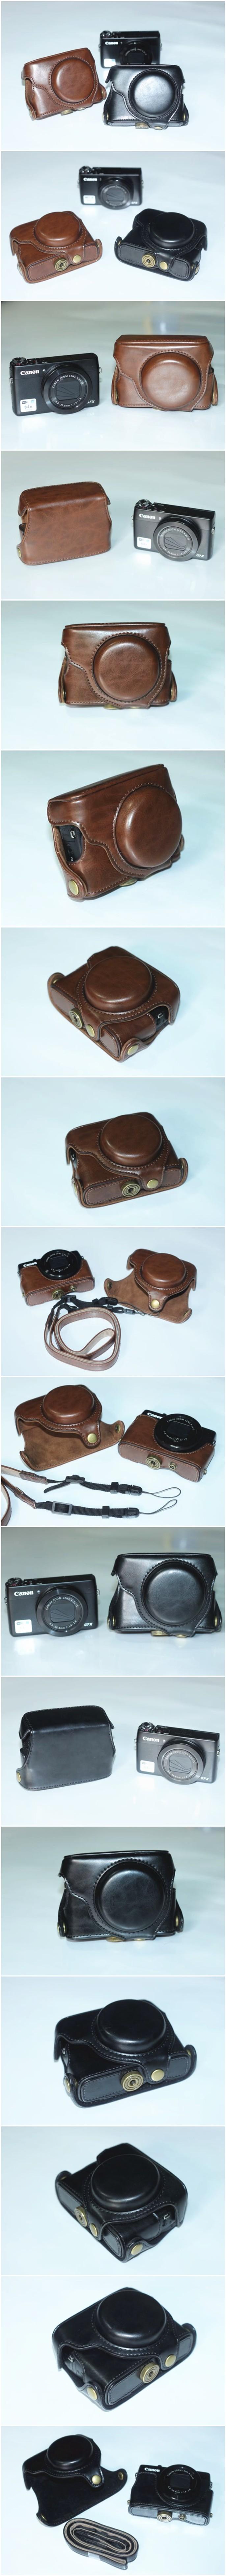 เคสกล้องหนัง Case Canon G7X Powershot GX7